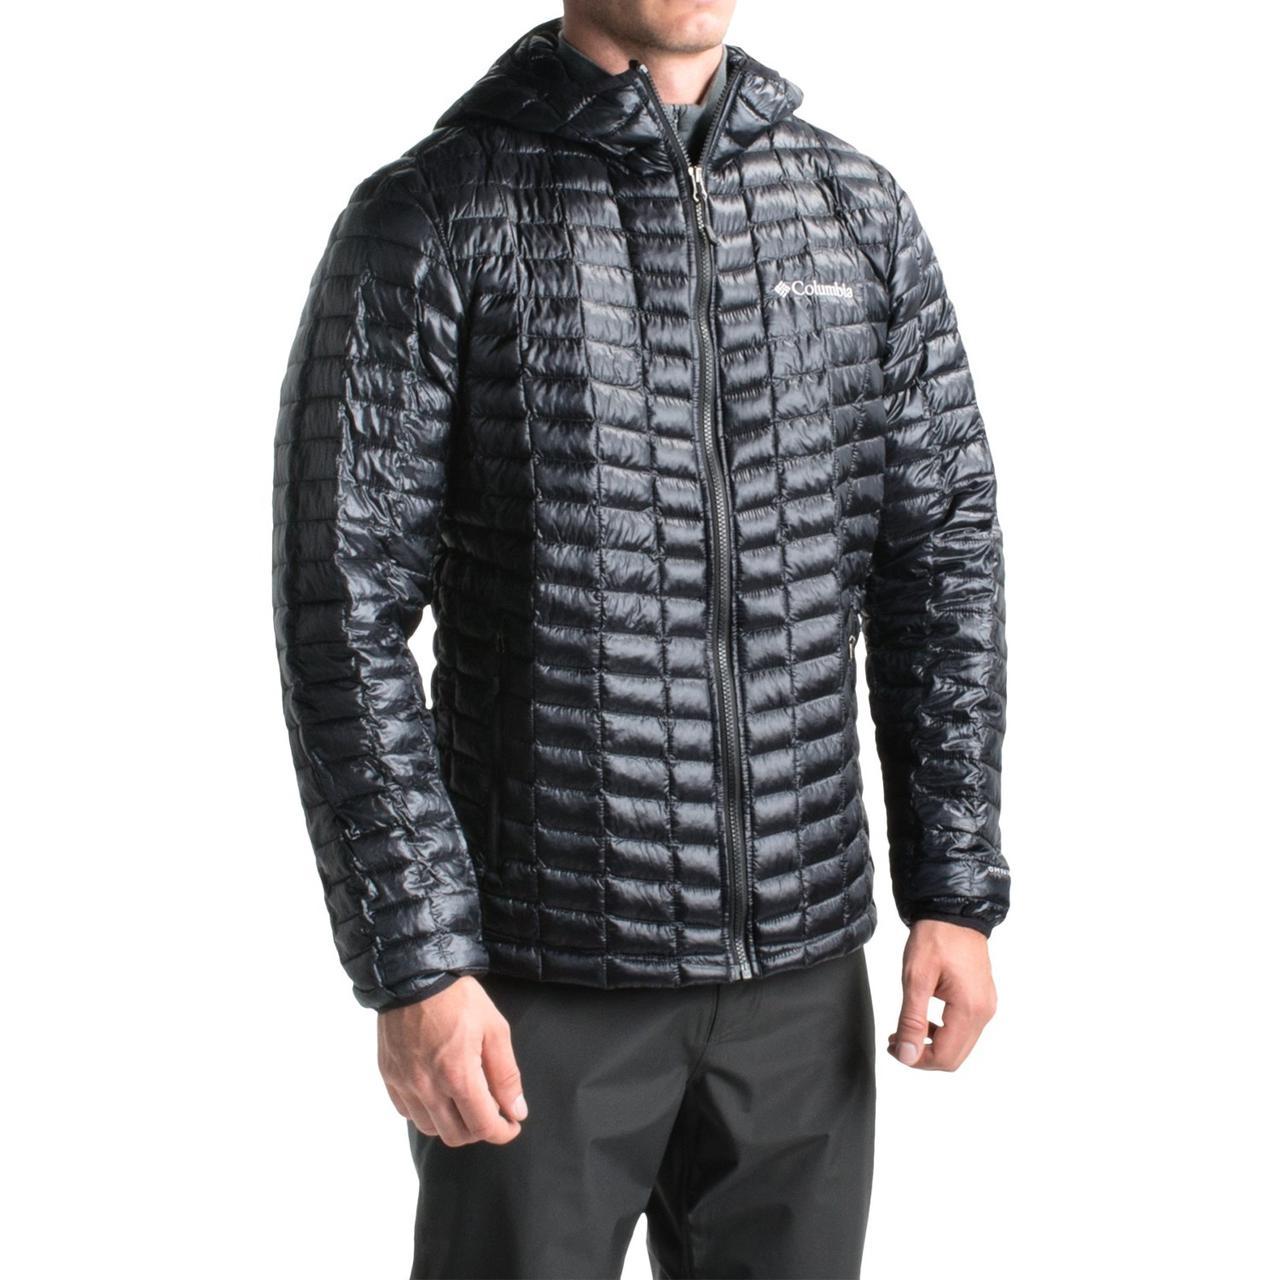 Мужская Куртка Columbia Microcell Omni-Heat. — в Категории